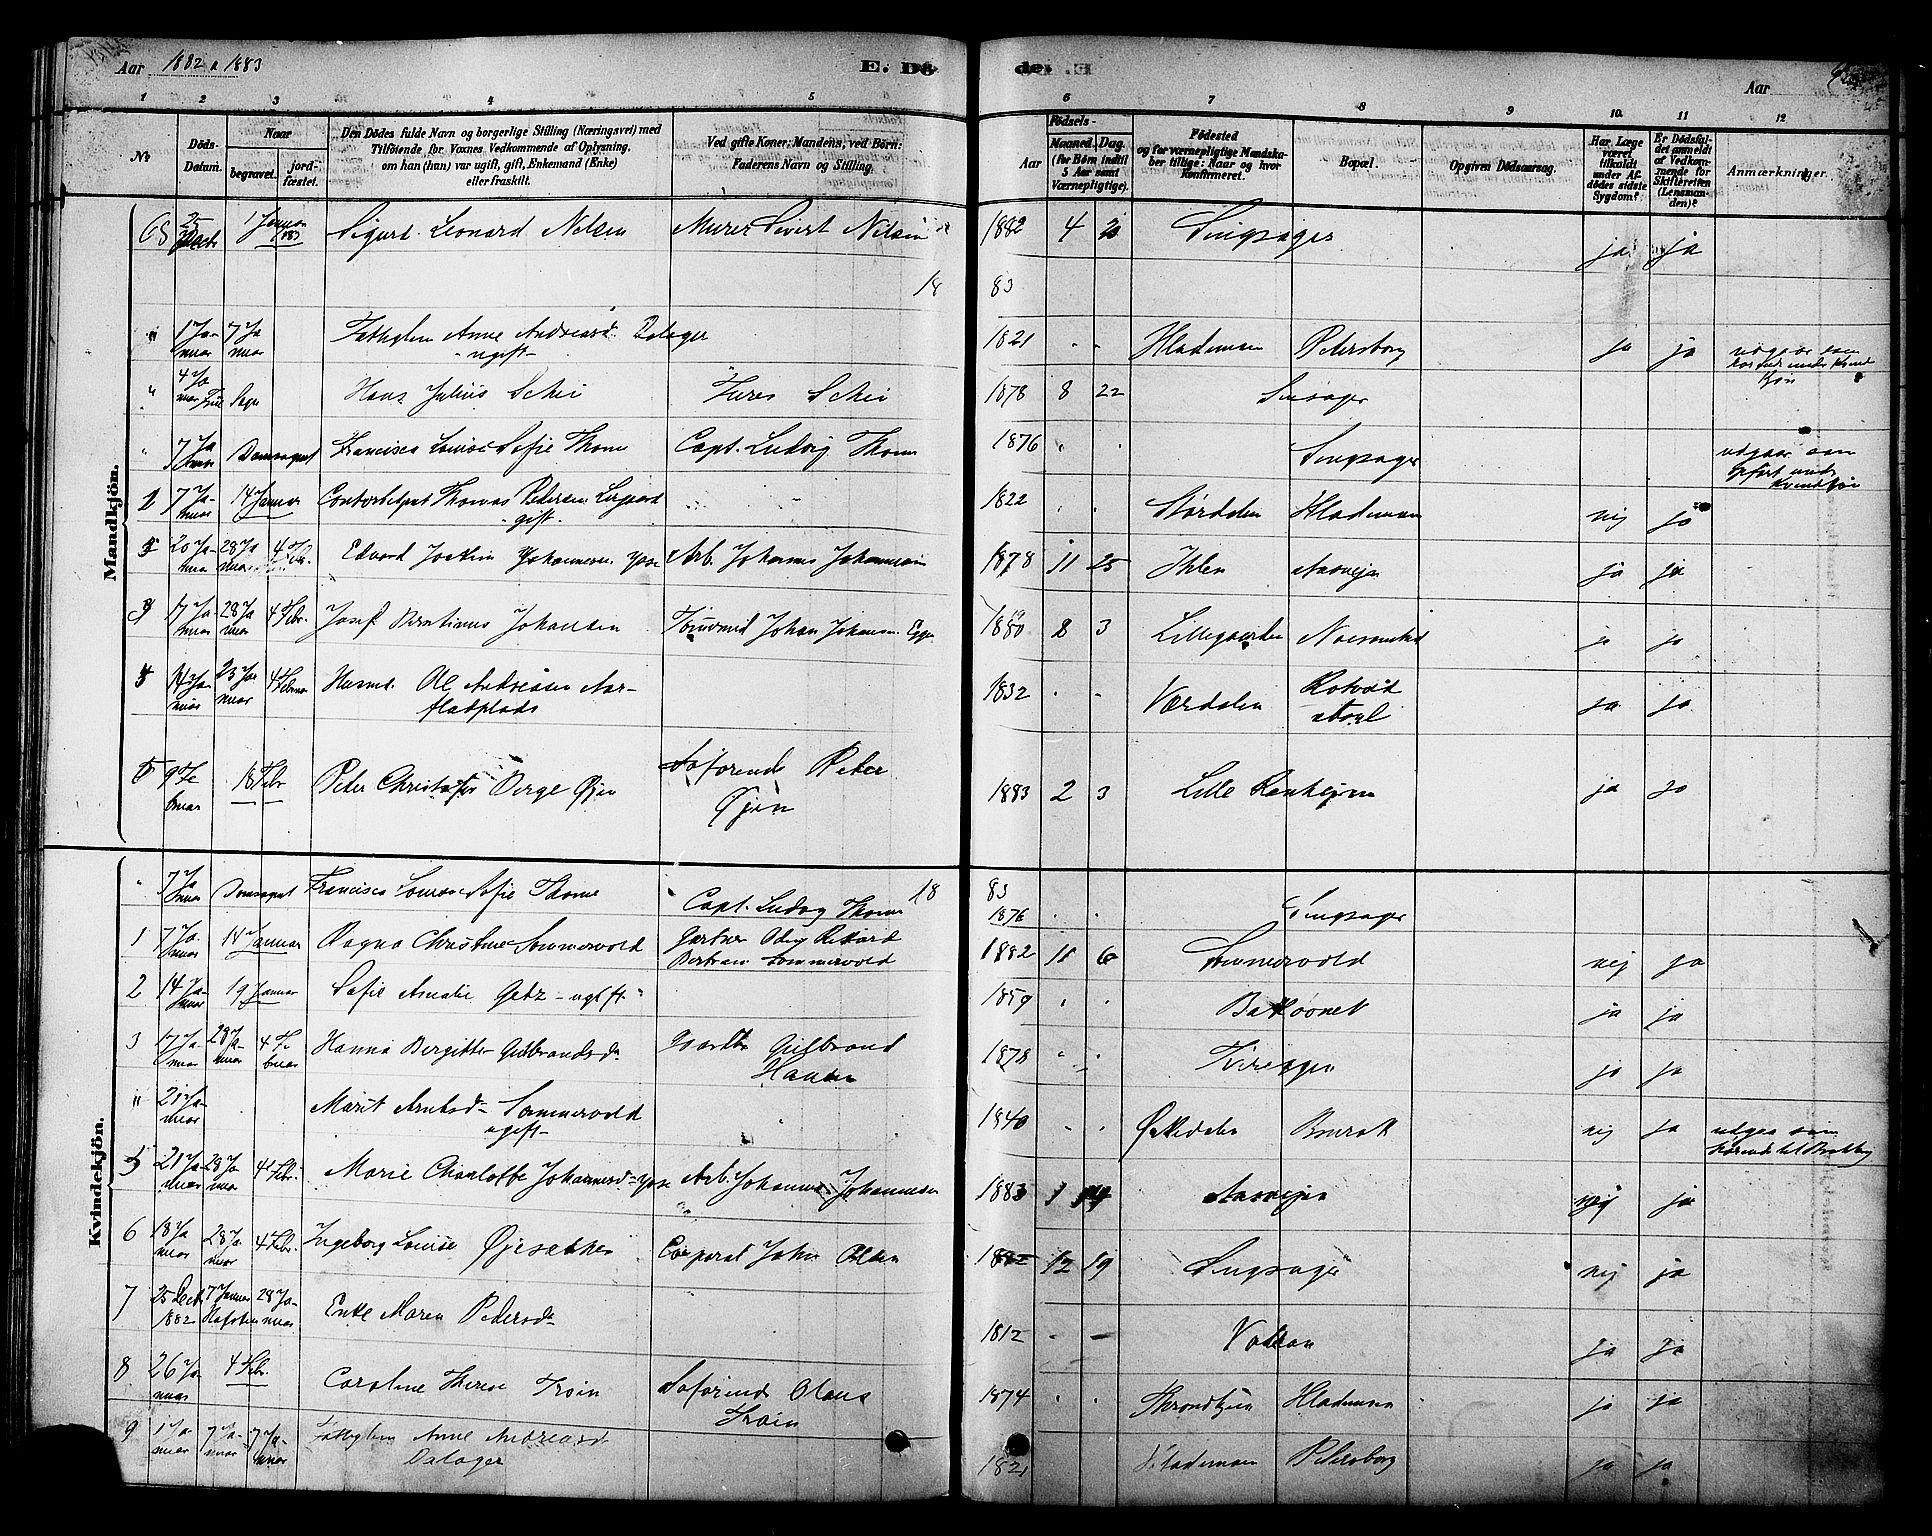 SAT, Ministerialprotokoller, klokkerbøker og fødselsregistre - Sør-Trøndelag, 606/L0294: Ministerialbok nr. 606A09, 1878-1886, s. 405